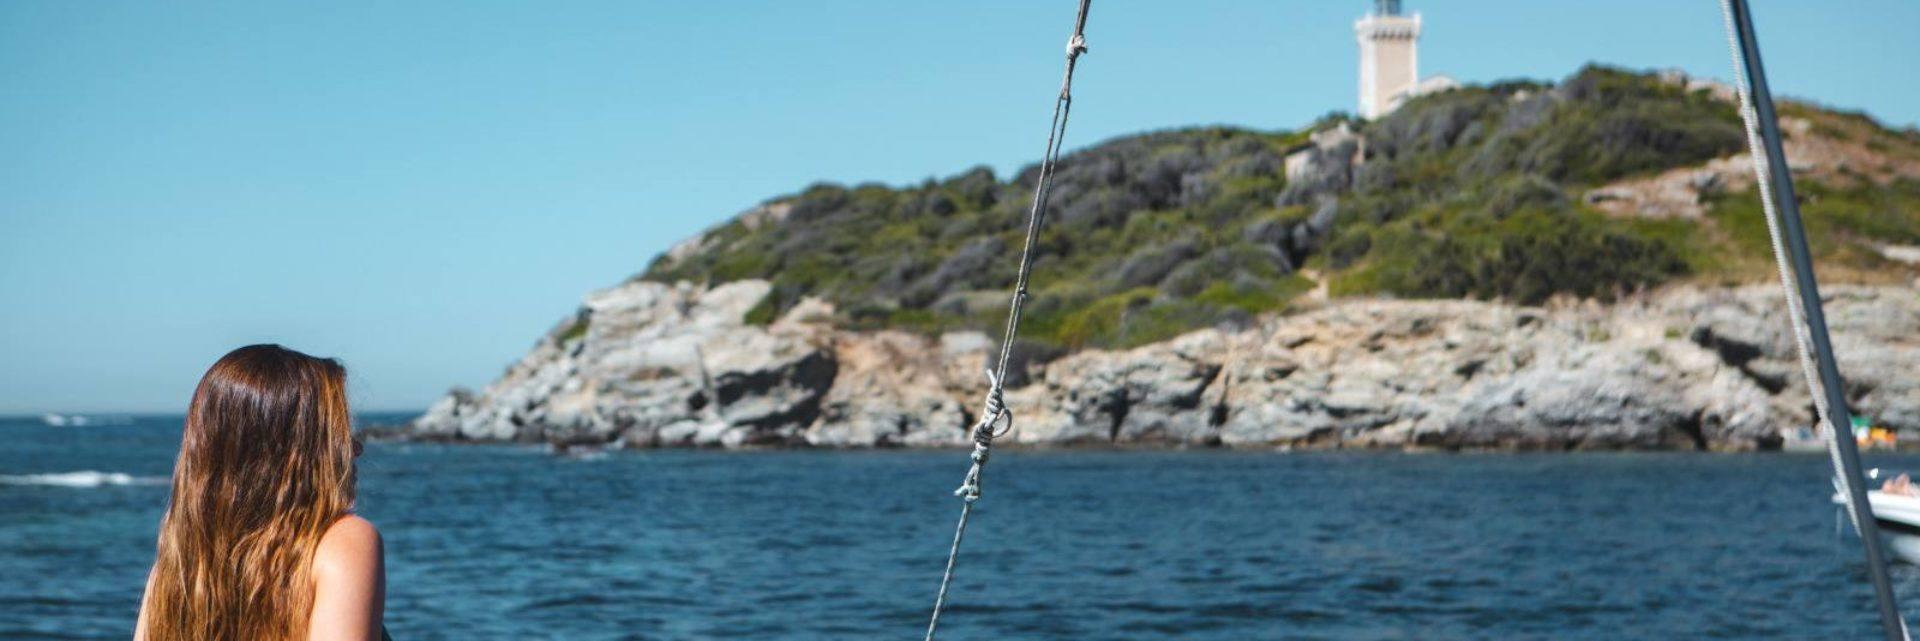 Balade en voilier autour de l'île des Embiez